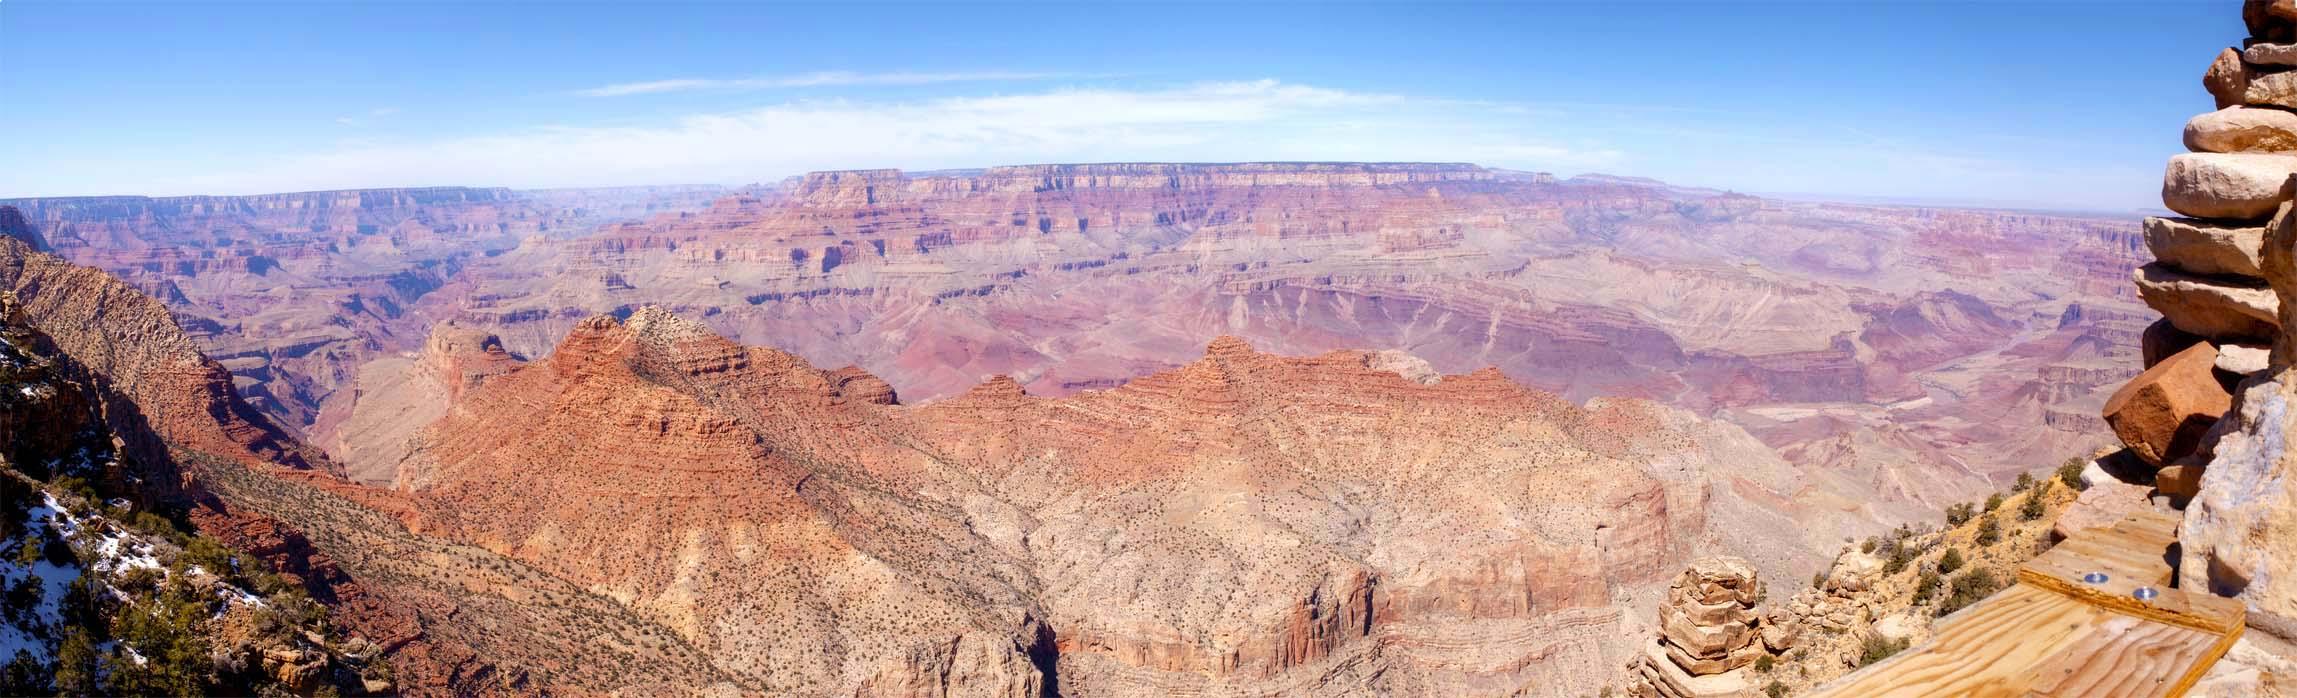 Grand Canyon pano 4